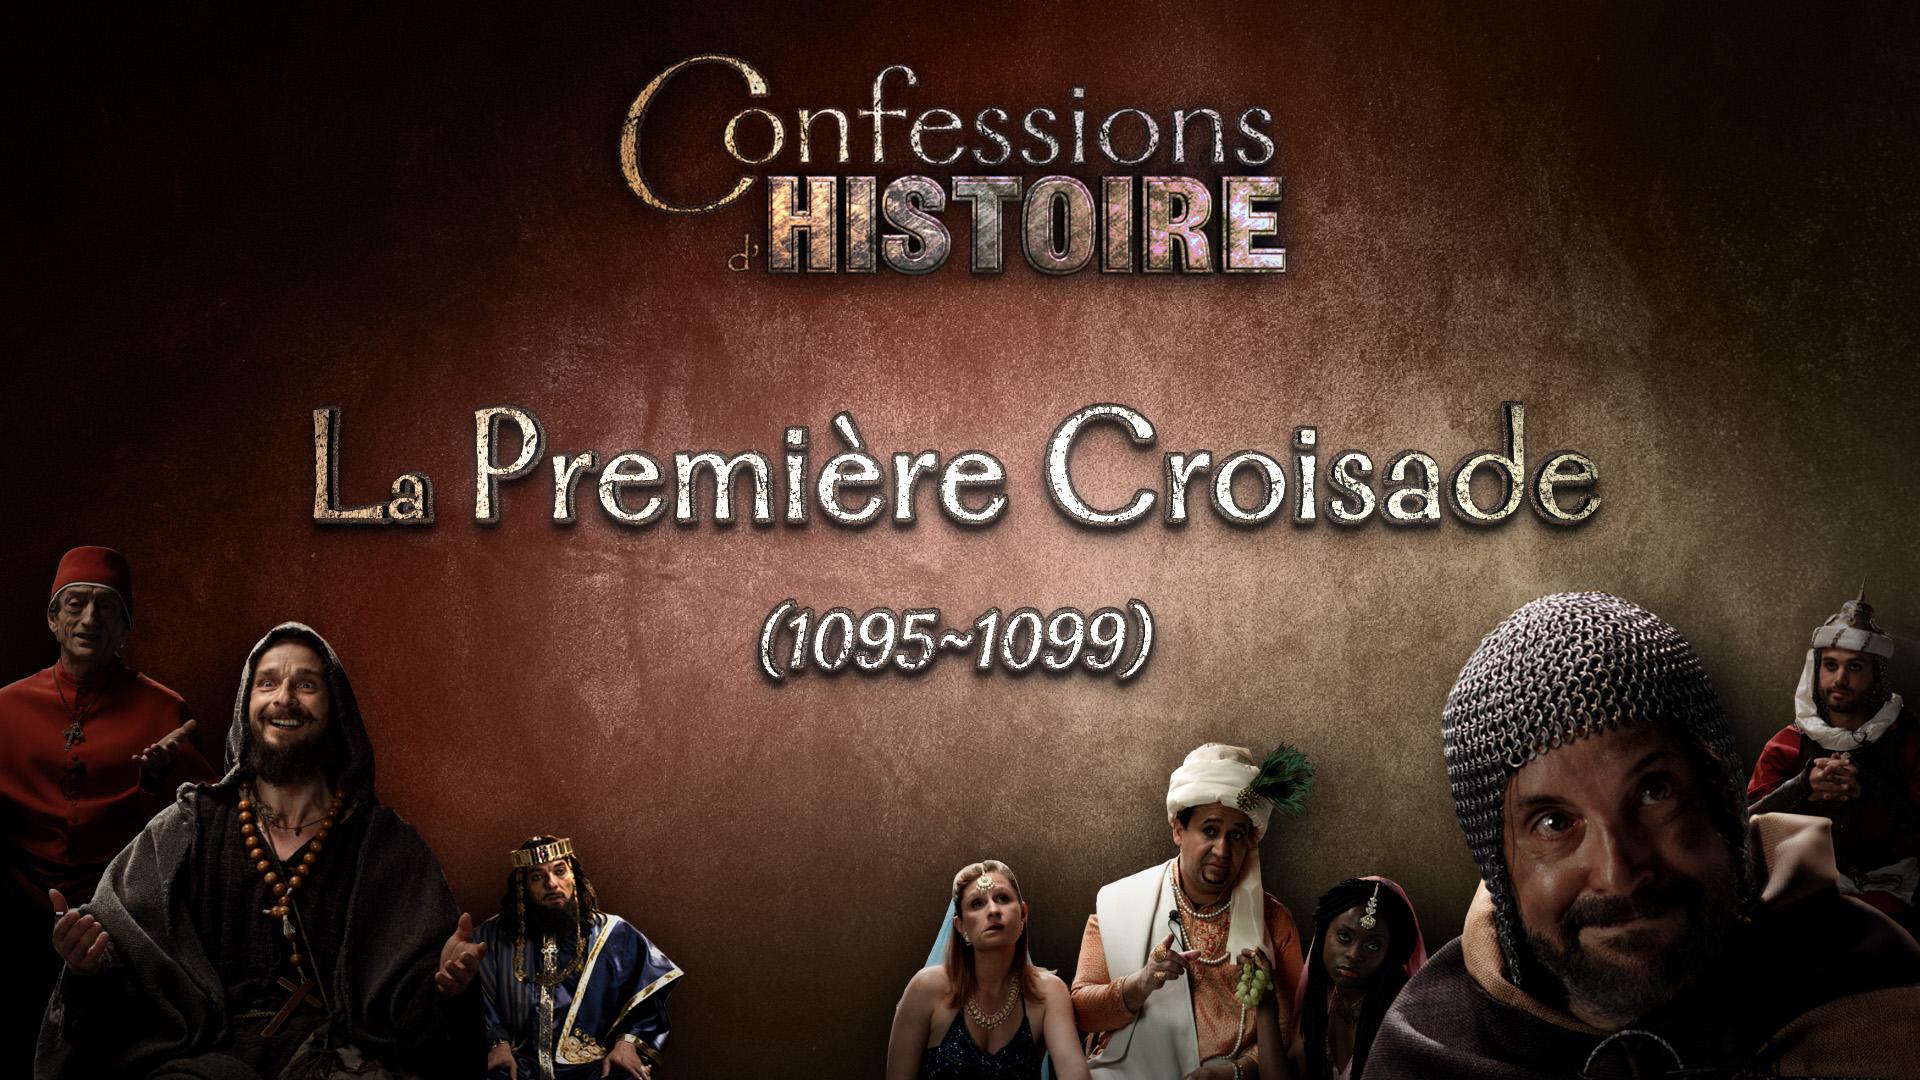 La Première Croisade - Confessions d'Histoire